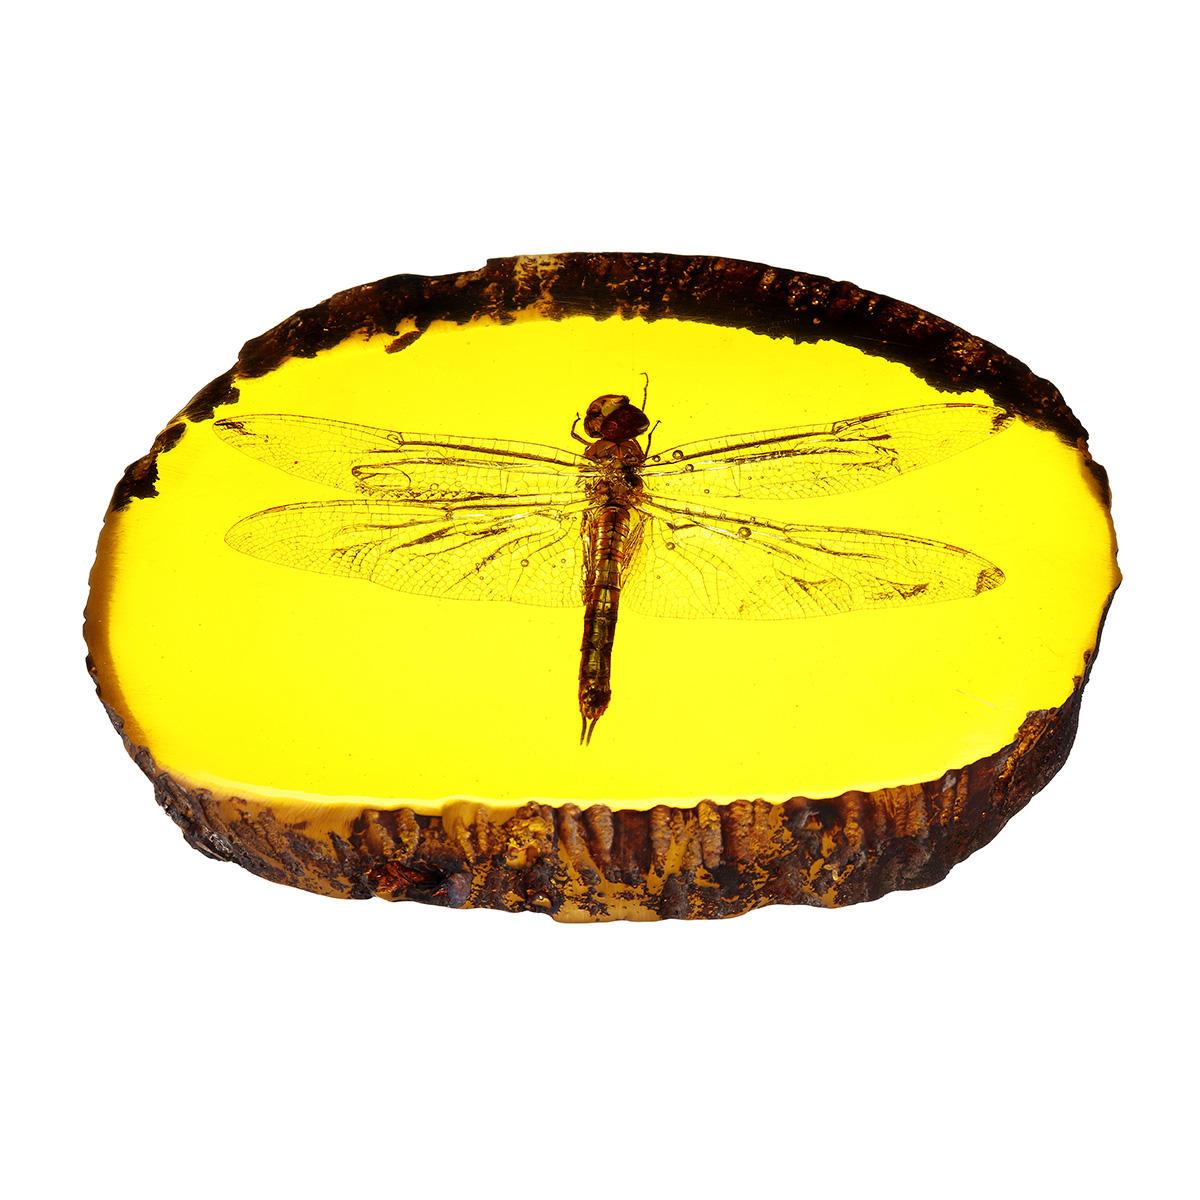 Ámbar Fossil Insects Dragonfly Pulido manual Especímenes de insectos Decoraciones